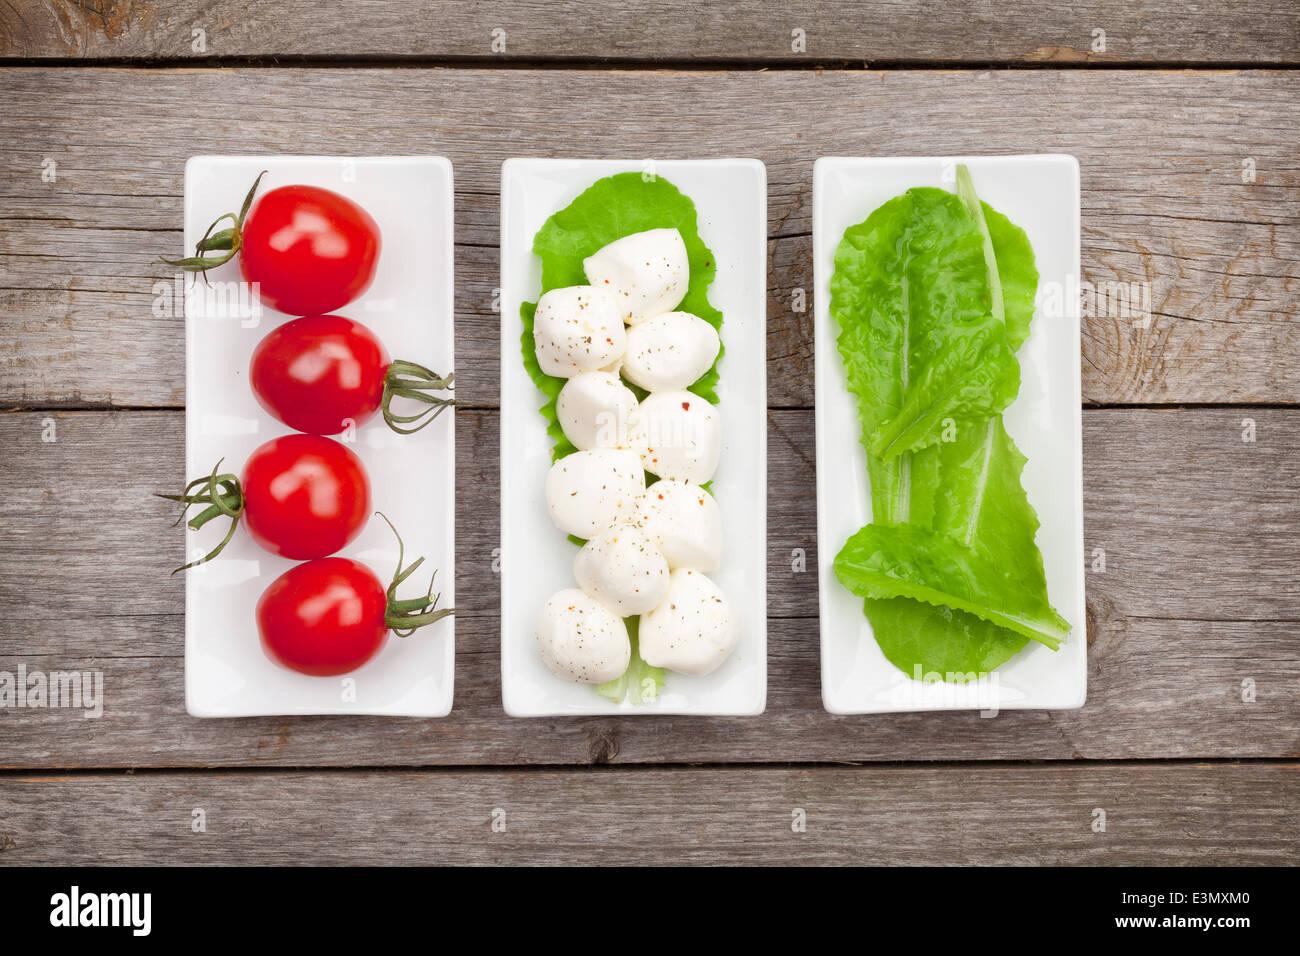 Tomaten, Mozzarella und grünem Salat Blätter auf Holztisch Hintergrund Stockbild